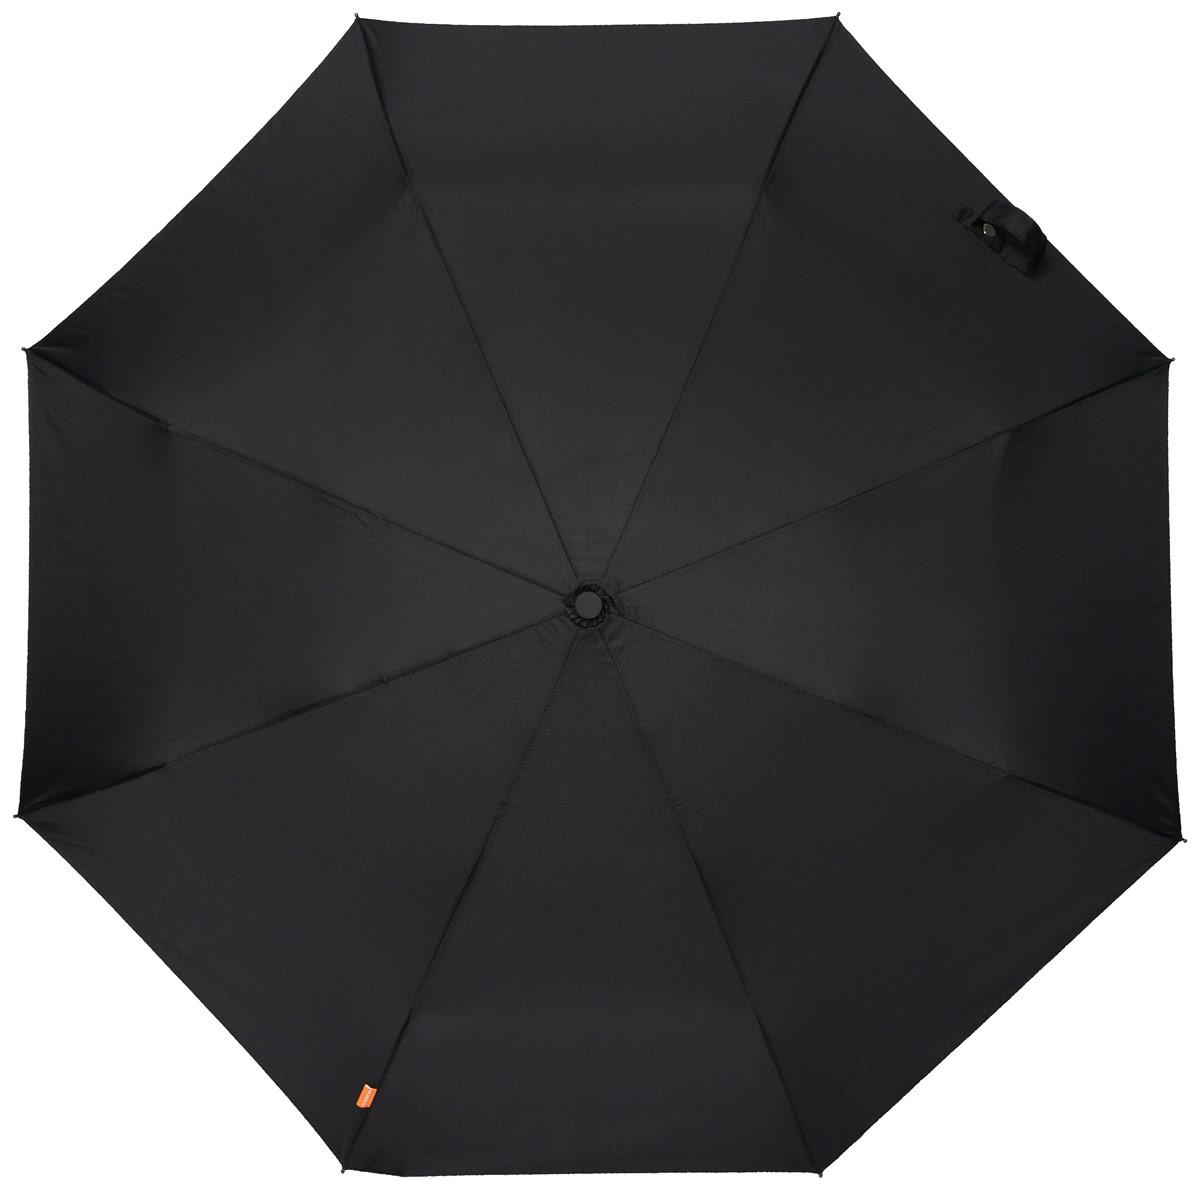 Зонт мужской Эврика Кастет, механика, 2 сложения, цвет: черный, золотой. 9620245100032/35449/3537AОригинальный мужской зонт Эврика станет отличным подарком для вашего друга.Зонт состоит из восьми спиц и стержня, изготовленных из металла. Купол выполнен из качественного нейлона, который не пропускает воду.Изделие имеет механический способ сложения: и купол, и стержень открываются и закрываются вручную до характерного щелчка. Ручка, изготовленная из пластика, выполнена в виде кастета. К зонту прилагается чехол, который закрывается на кнопку.Этот зонт вызовет восторг не только у вас, но и у окружающих.